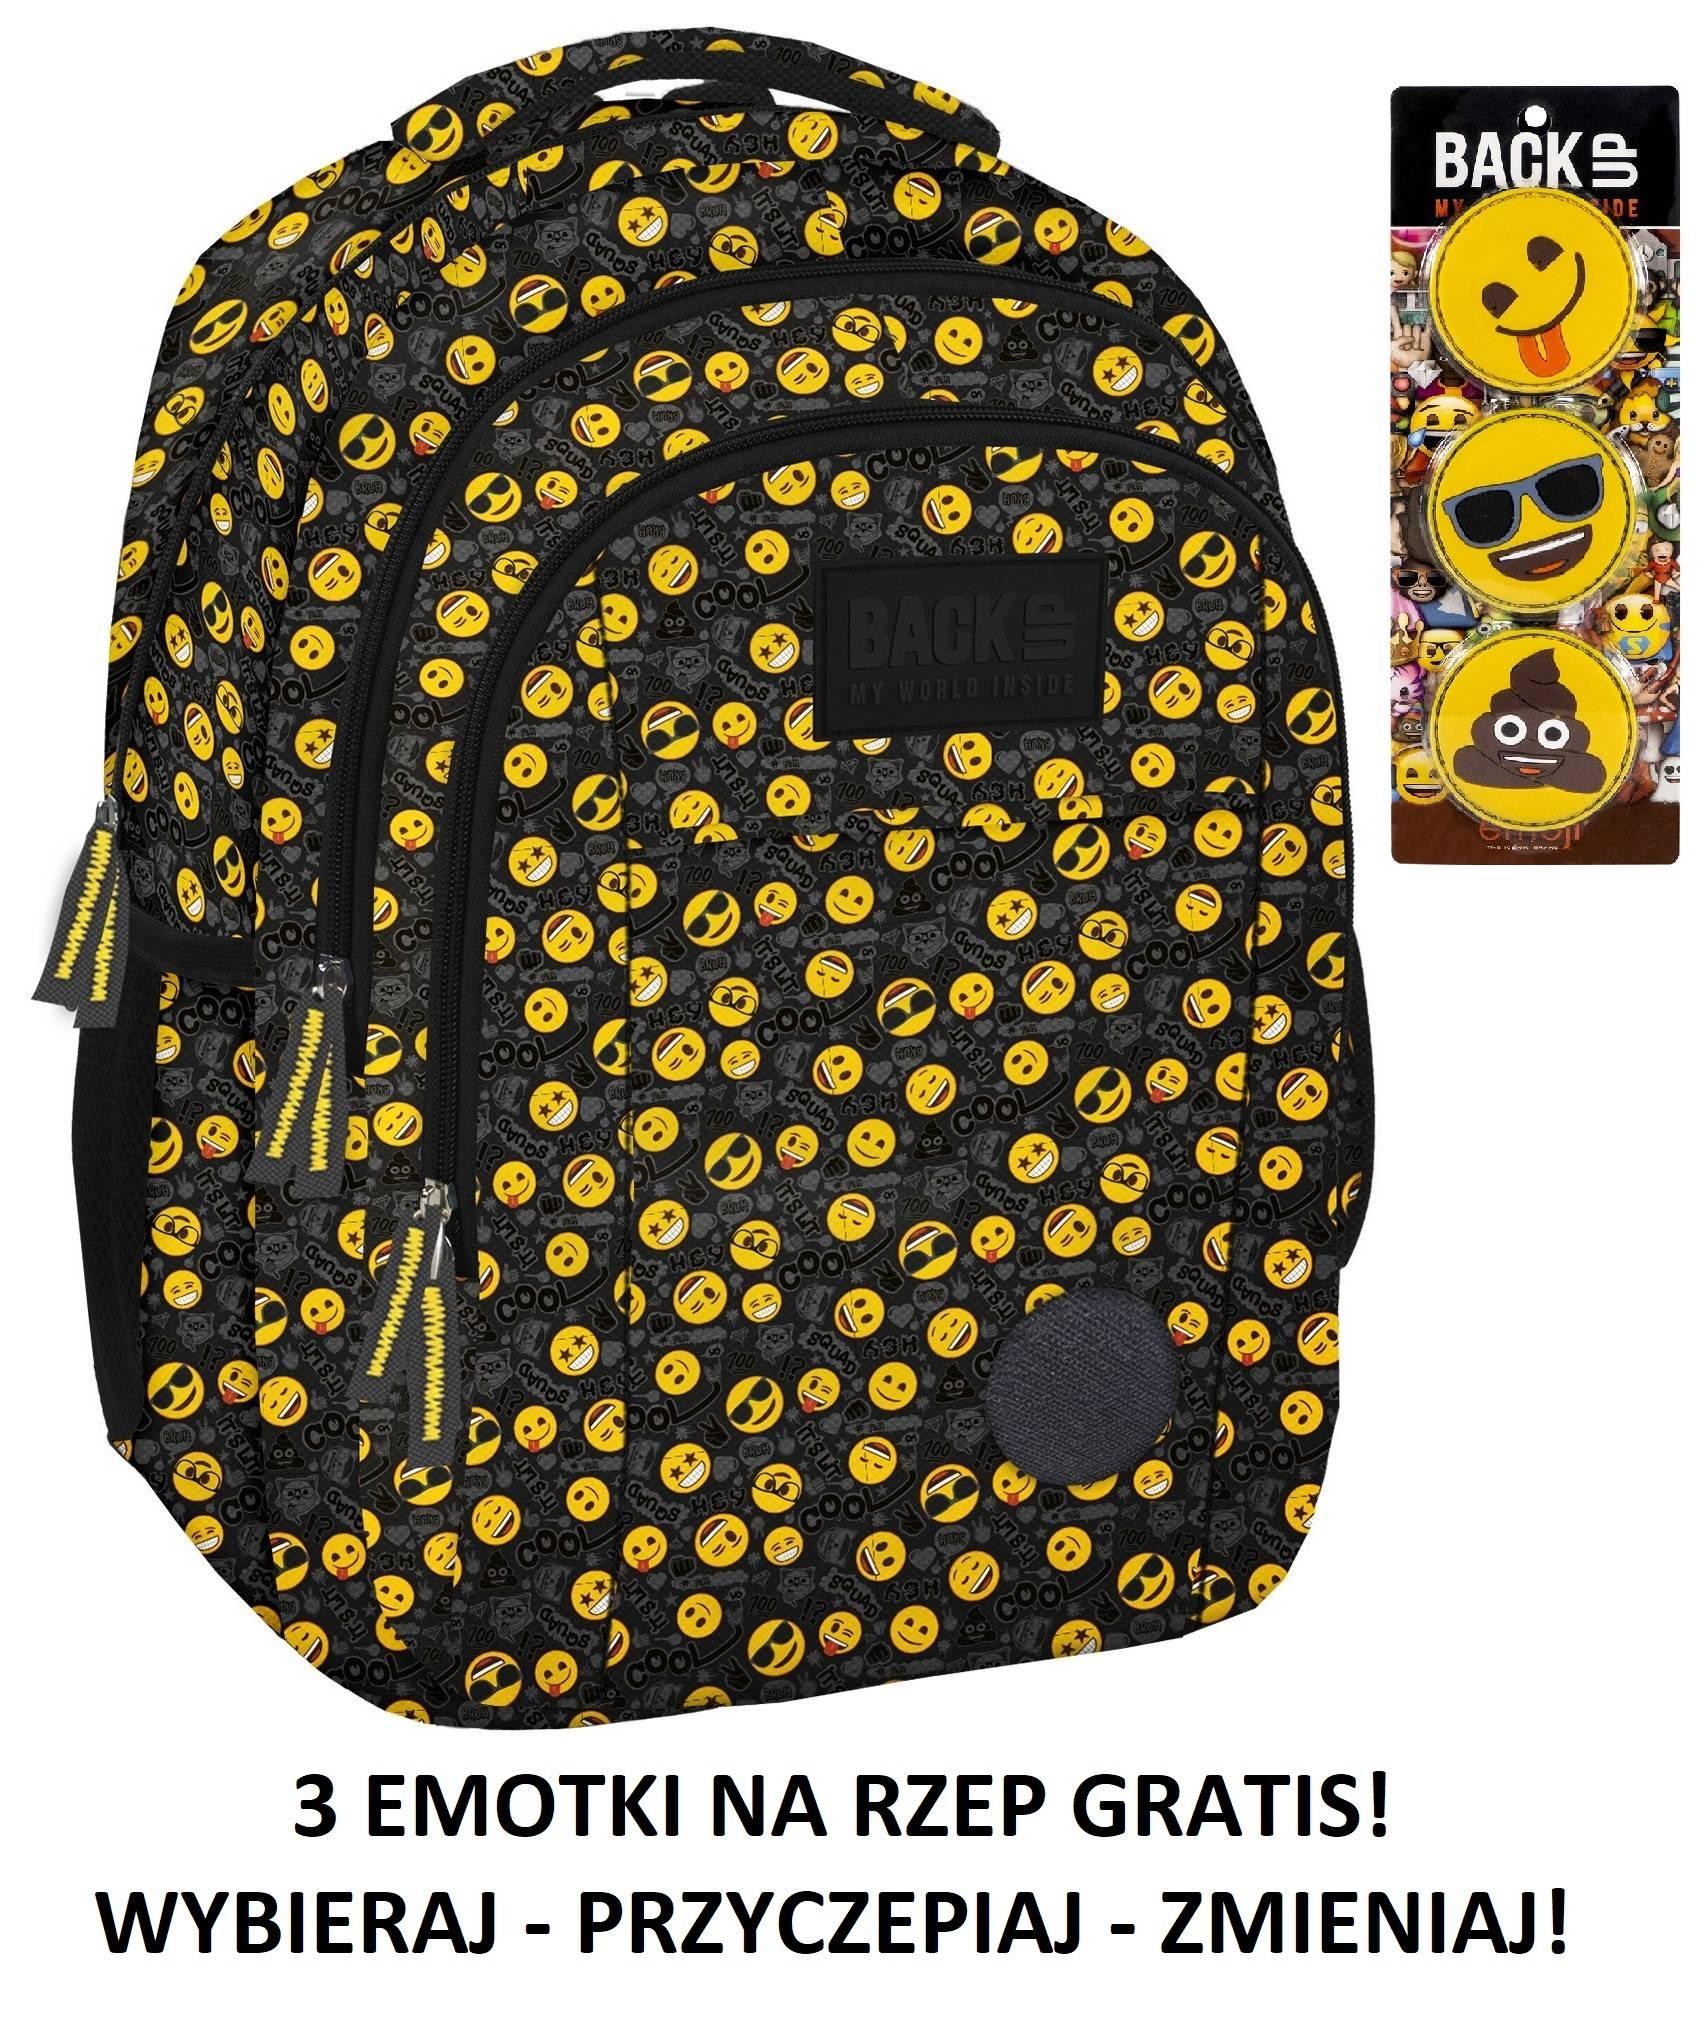 ad0c932966fdce Plecak szkolny BACK UP H30 emotikony dla młodzieży